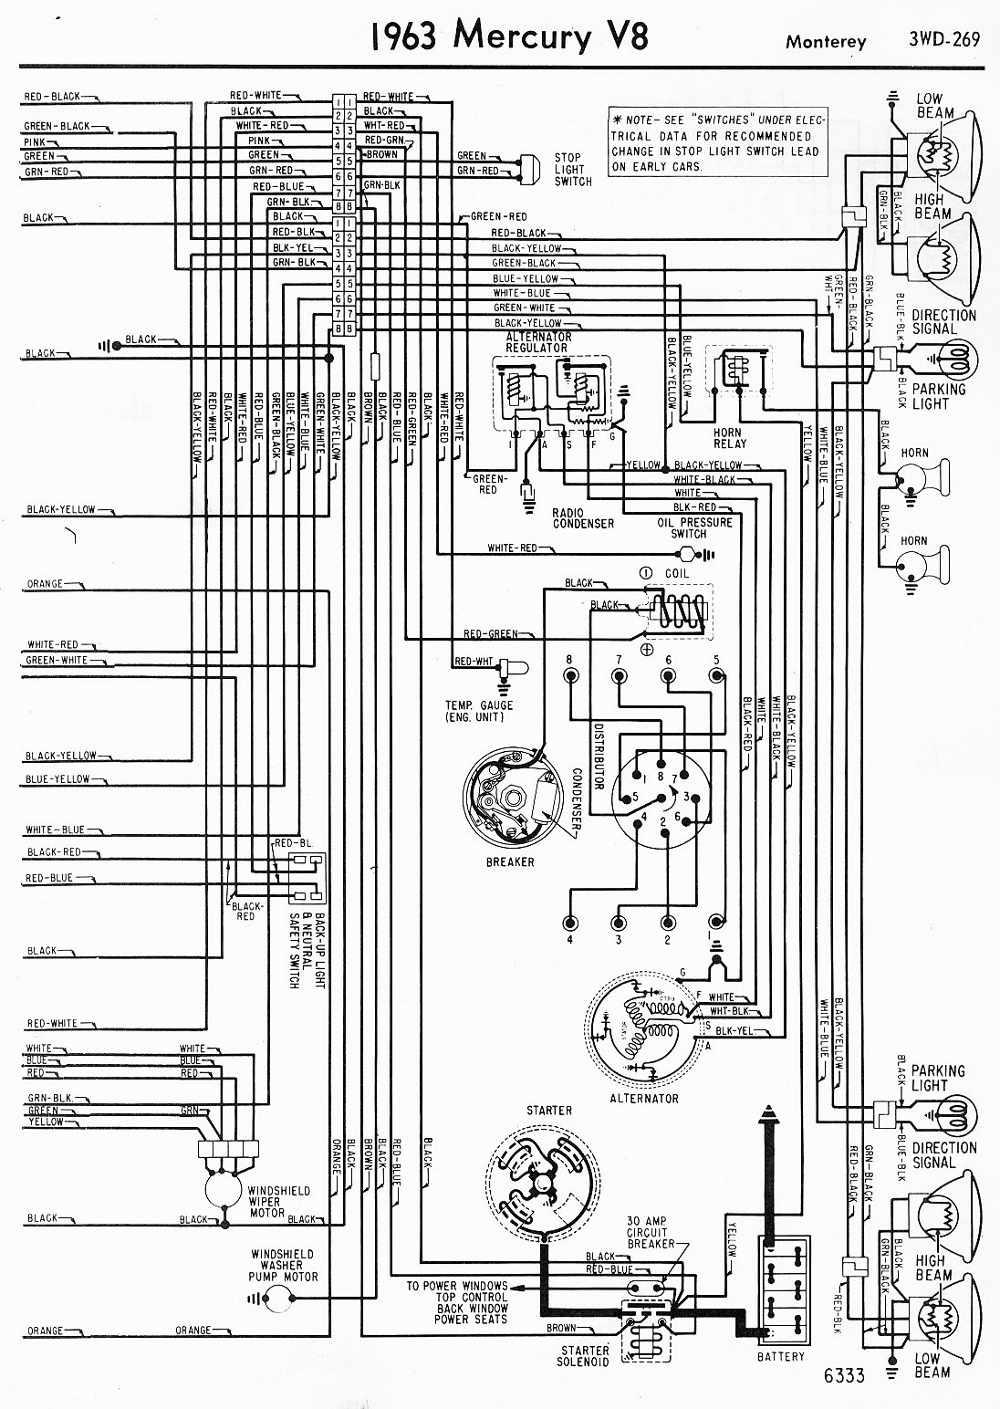 1956 mercury drawings topsimages com mercury wiring diagram wiring diagram libraries jpg 1000x1409 1956 mercury drawings